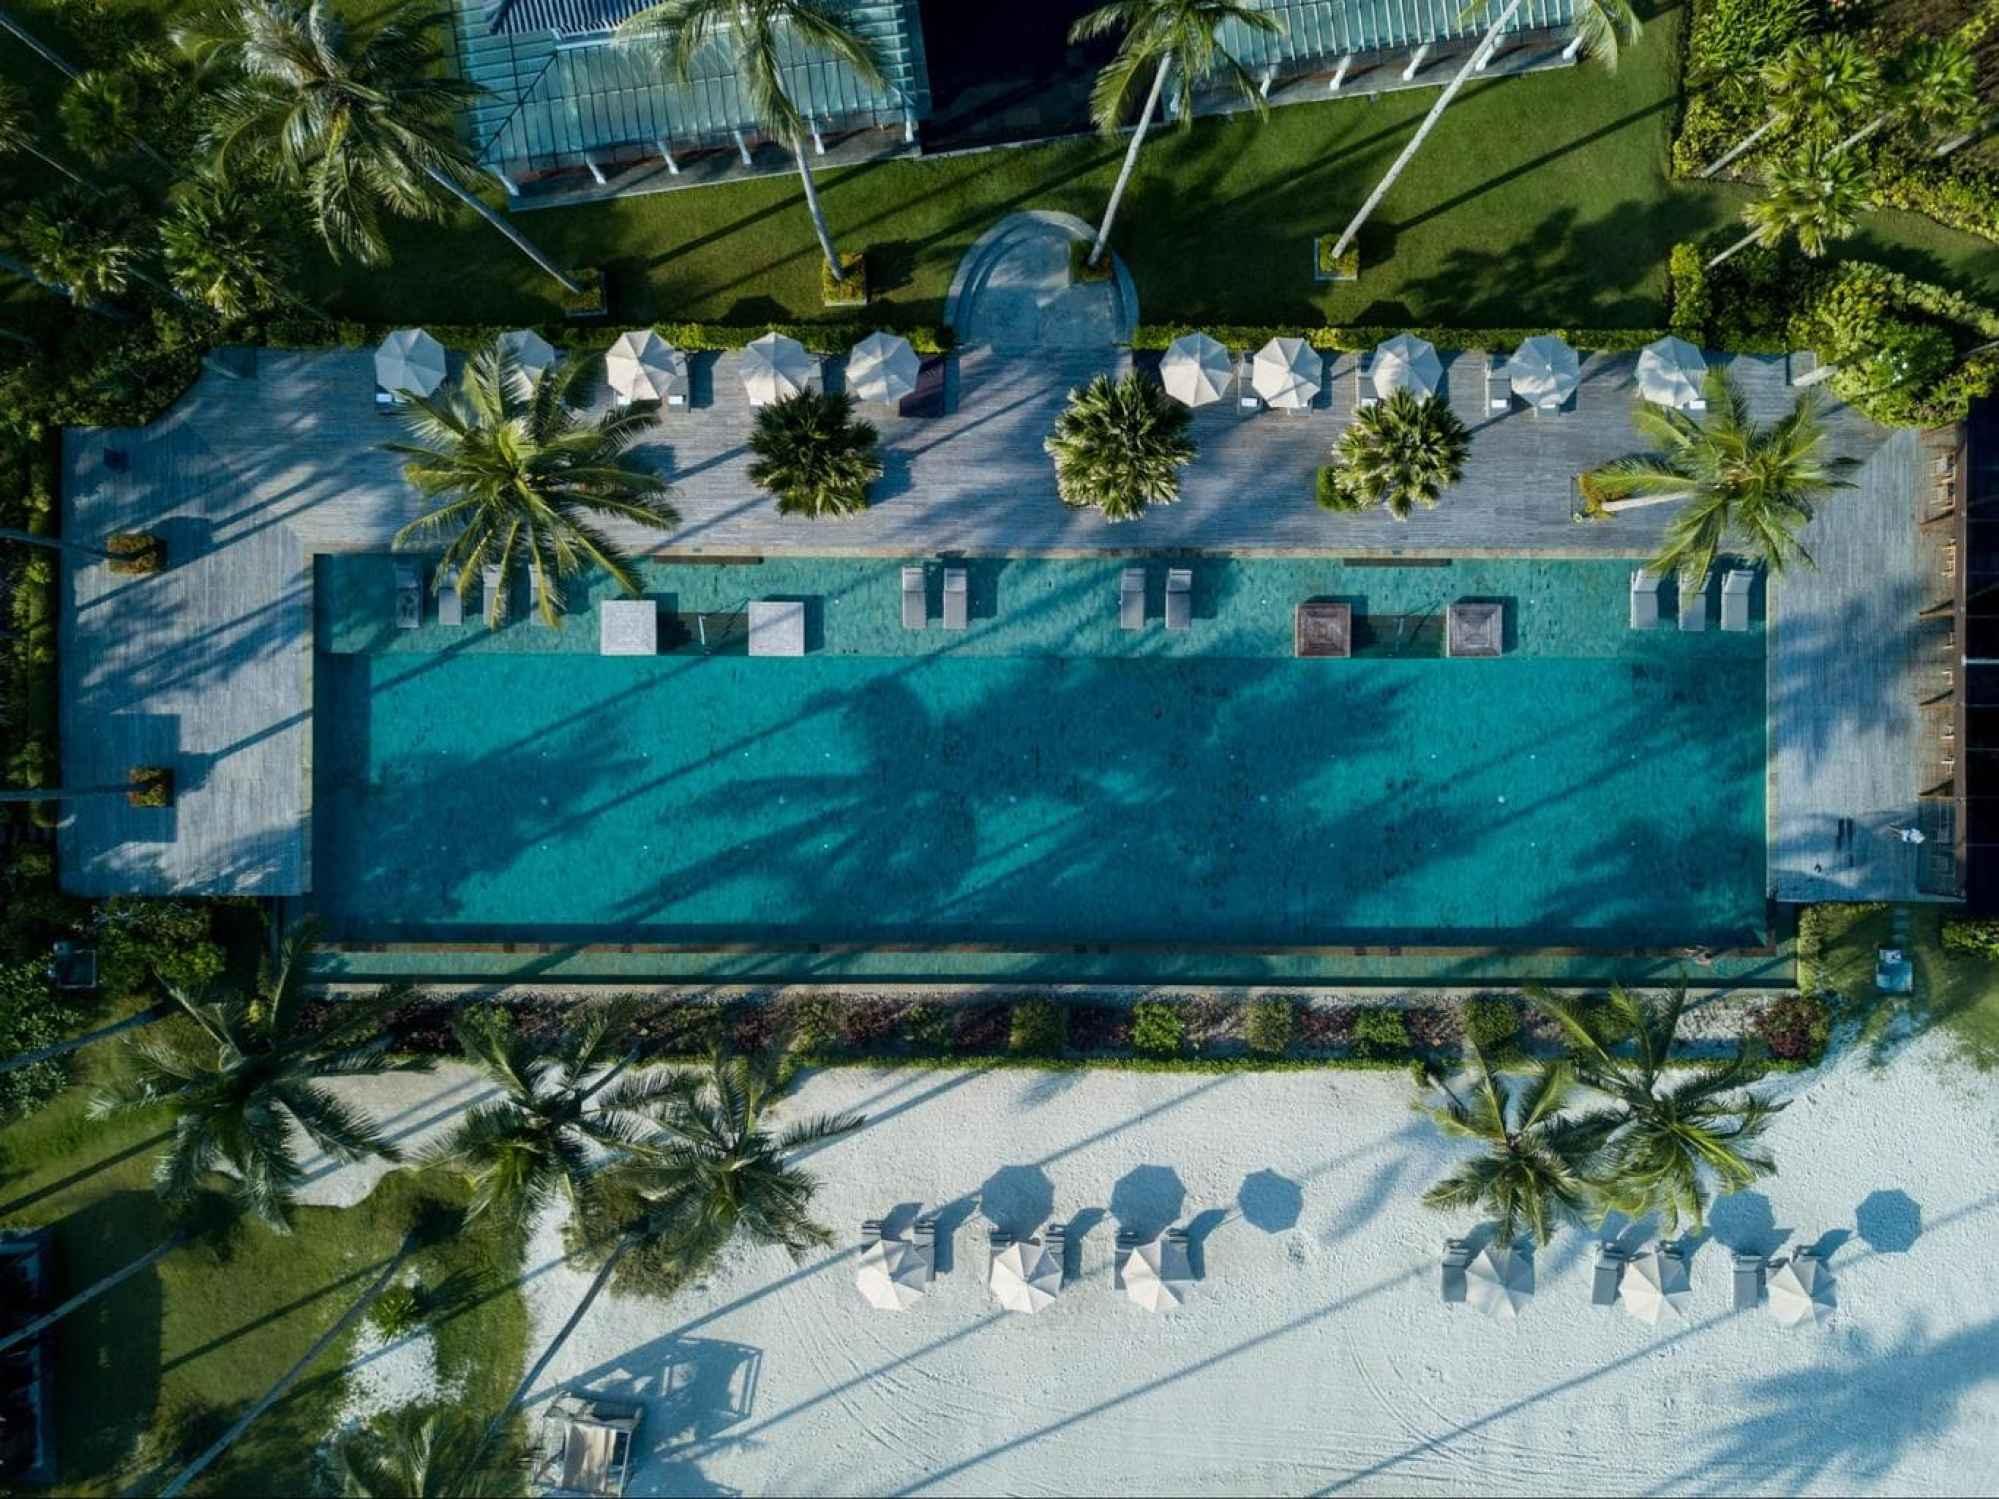 The pool at The Sanchaya